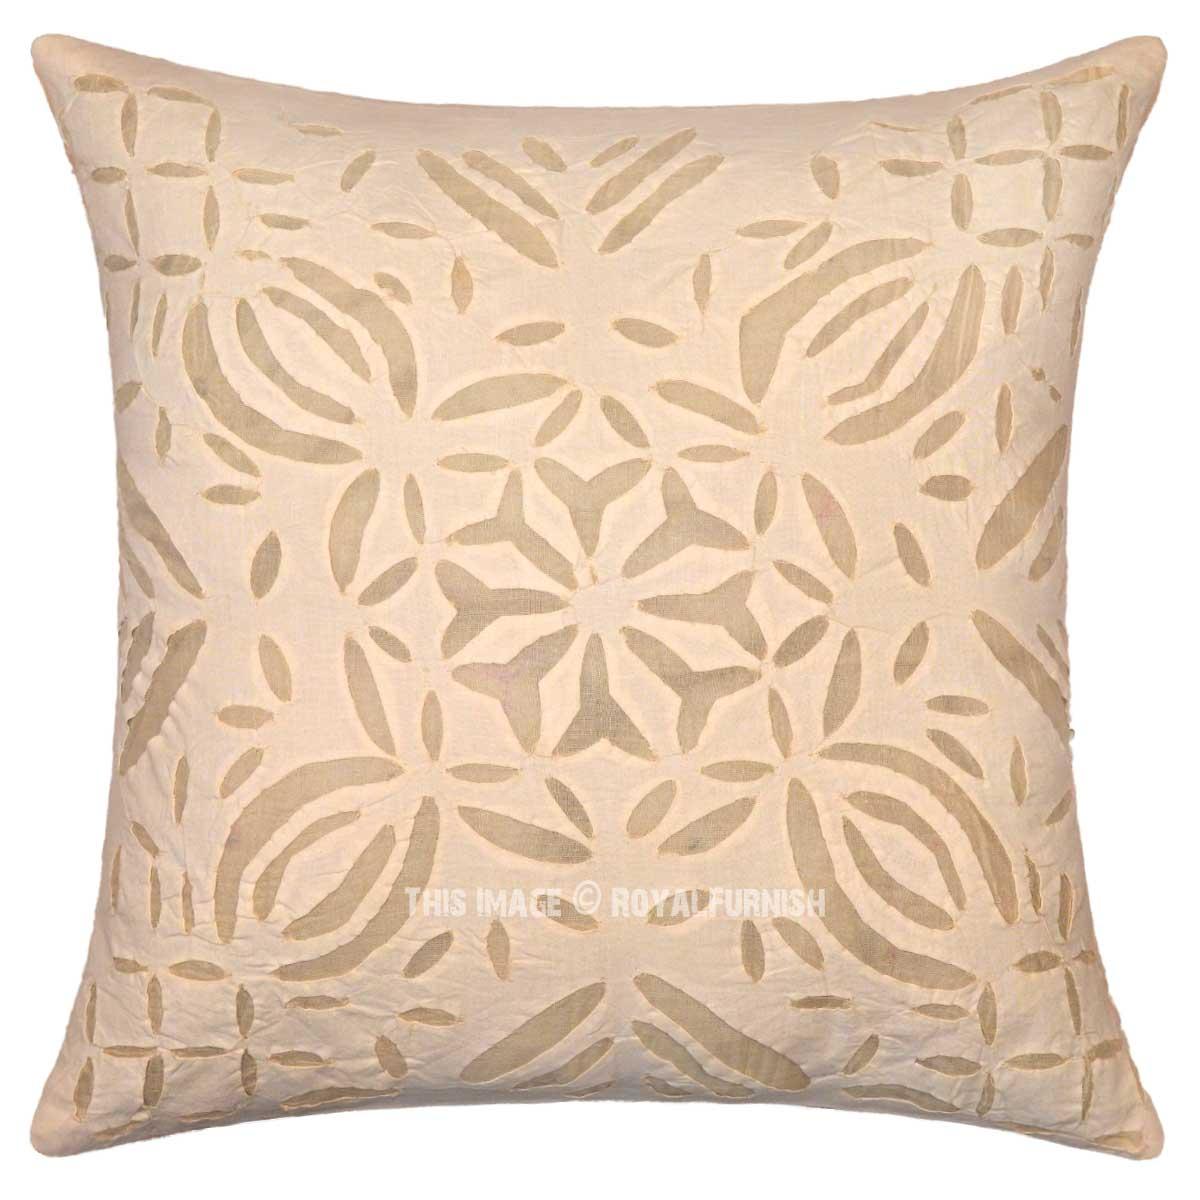 Beautiful Decorative Throw Pillows : 16